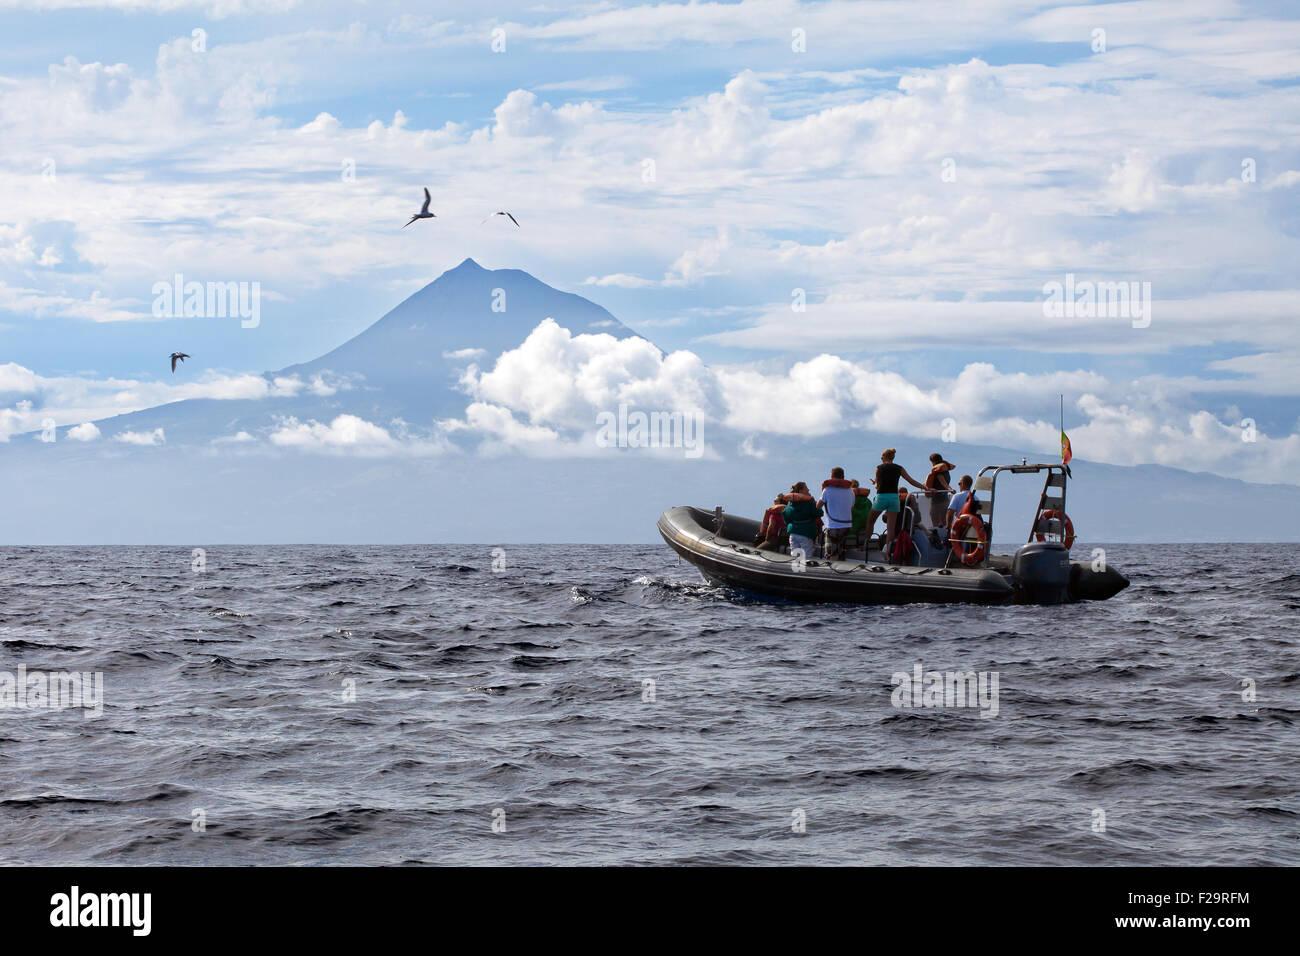 Sail boat near Pico volcano island in Azores, Portugal - Stock Image